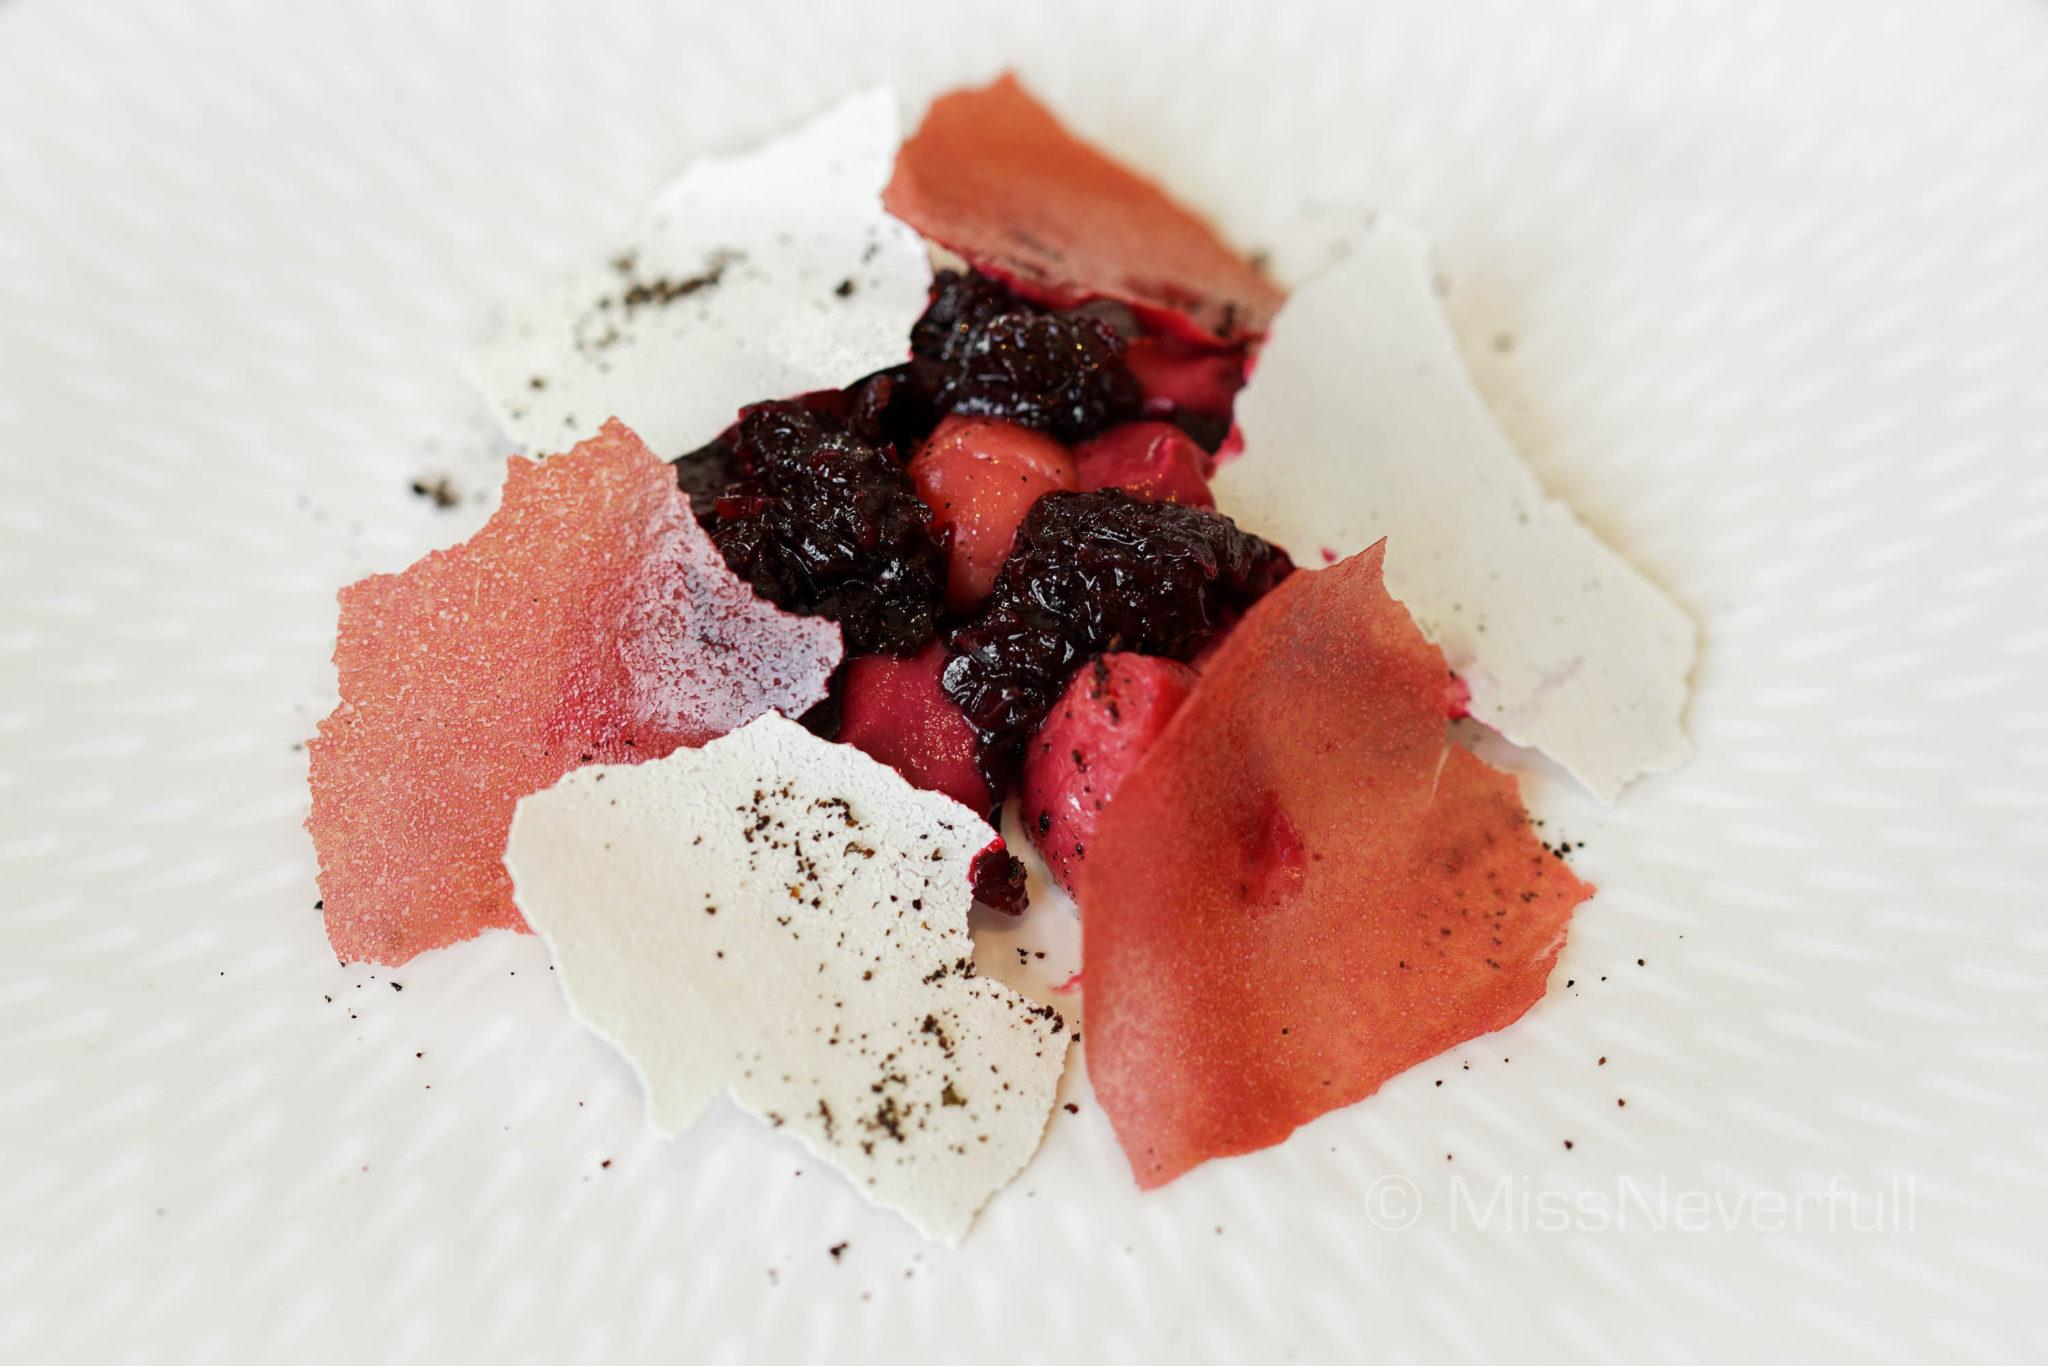 rosella jam, Tasmanian pepper berry